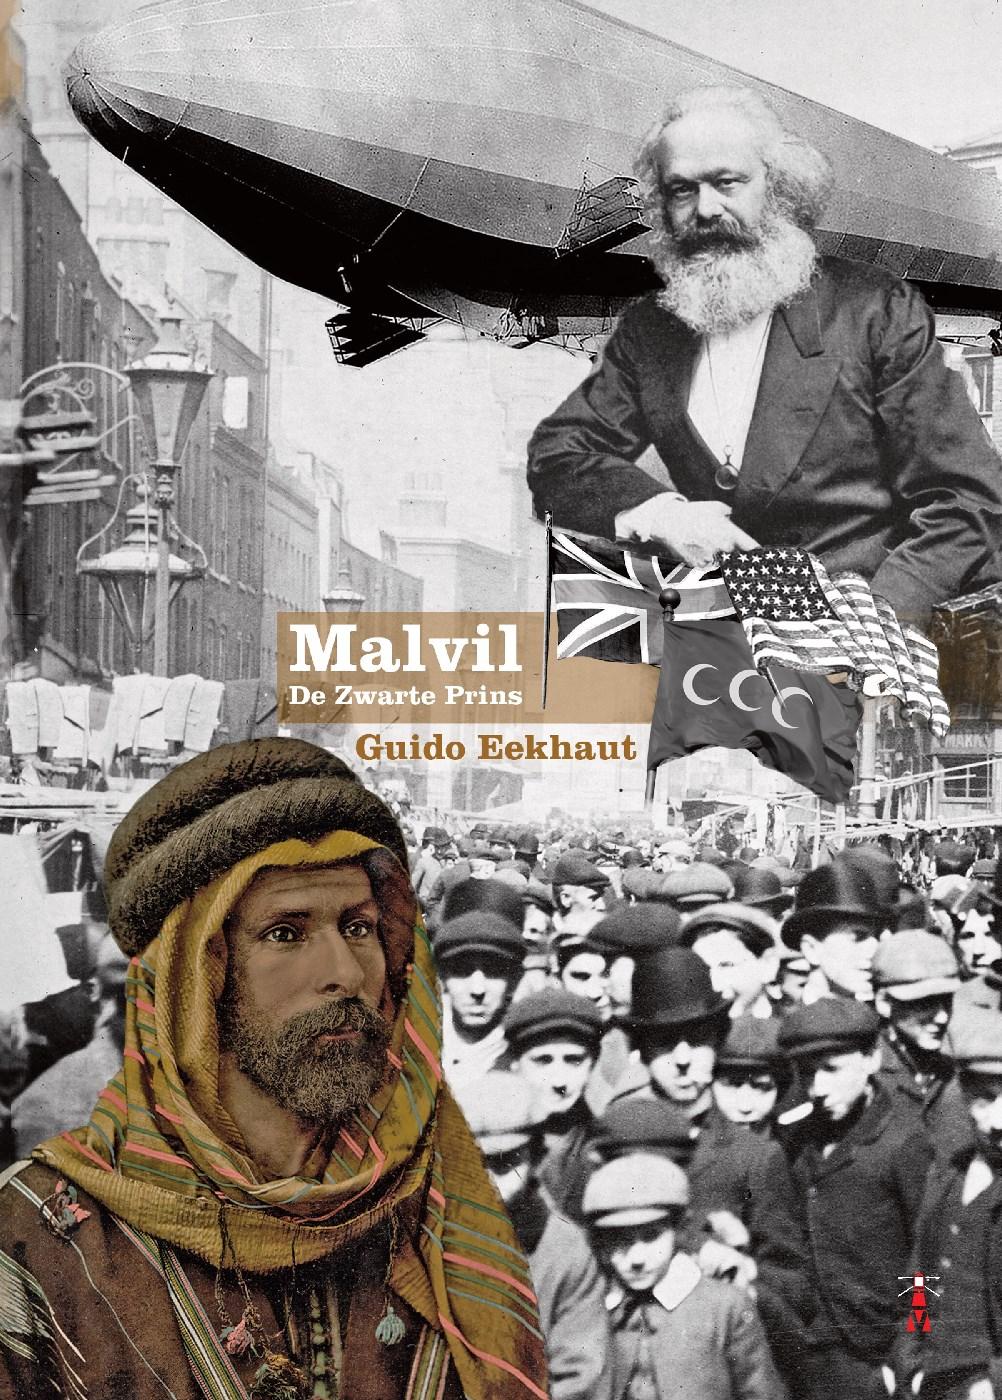 Malvil de zwarte prins